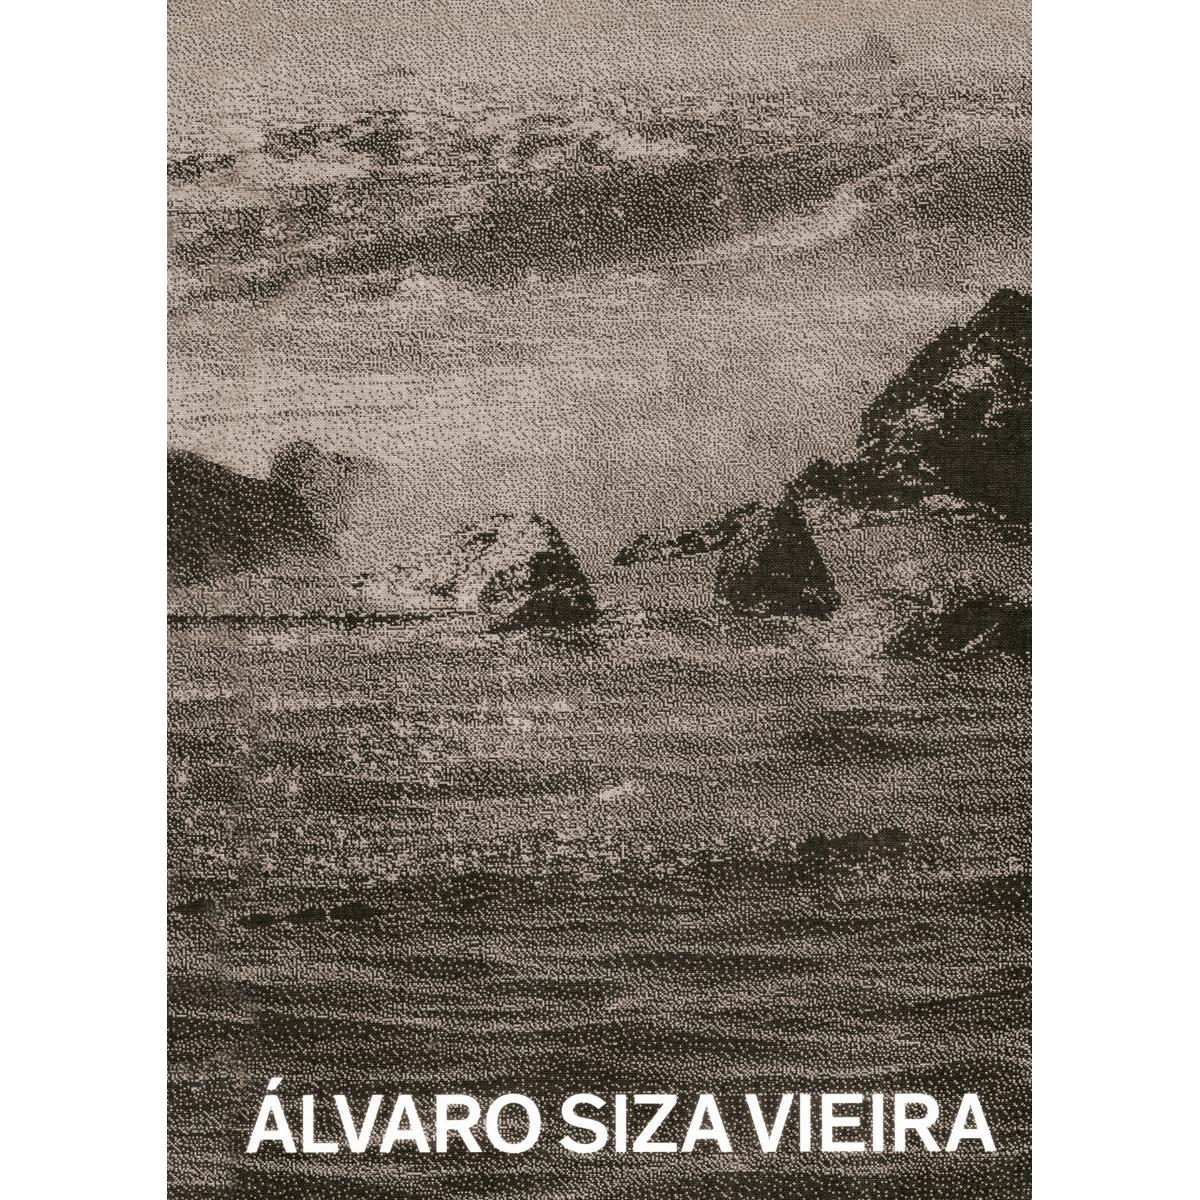 Álvaro Siza: piscinas en el mar